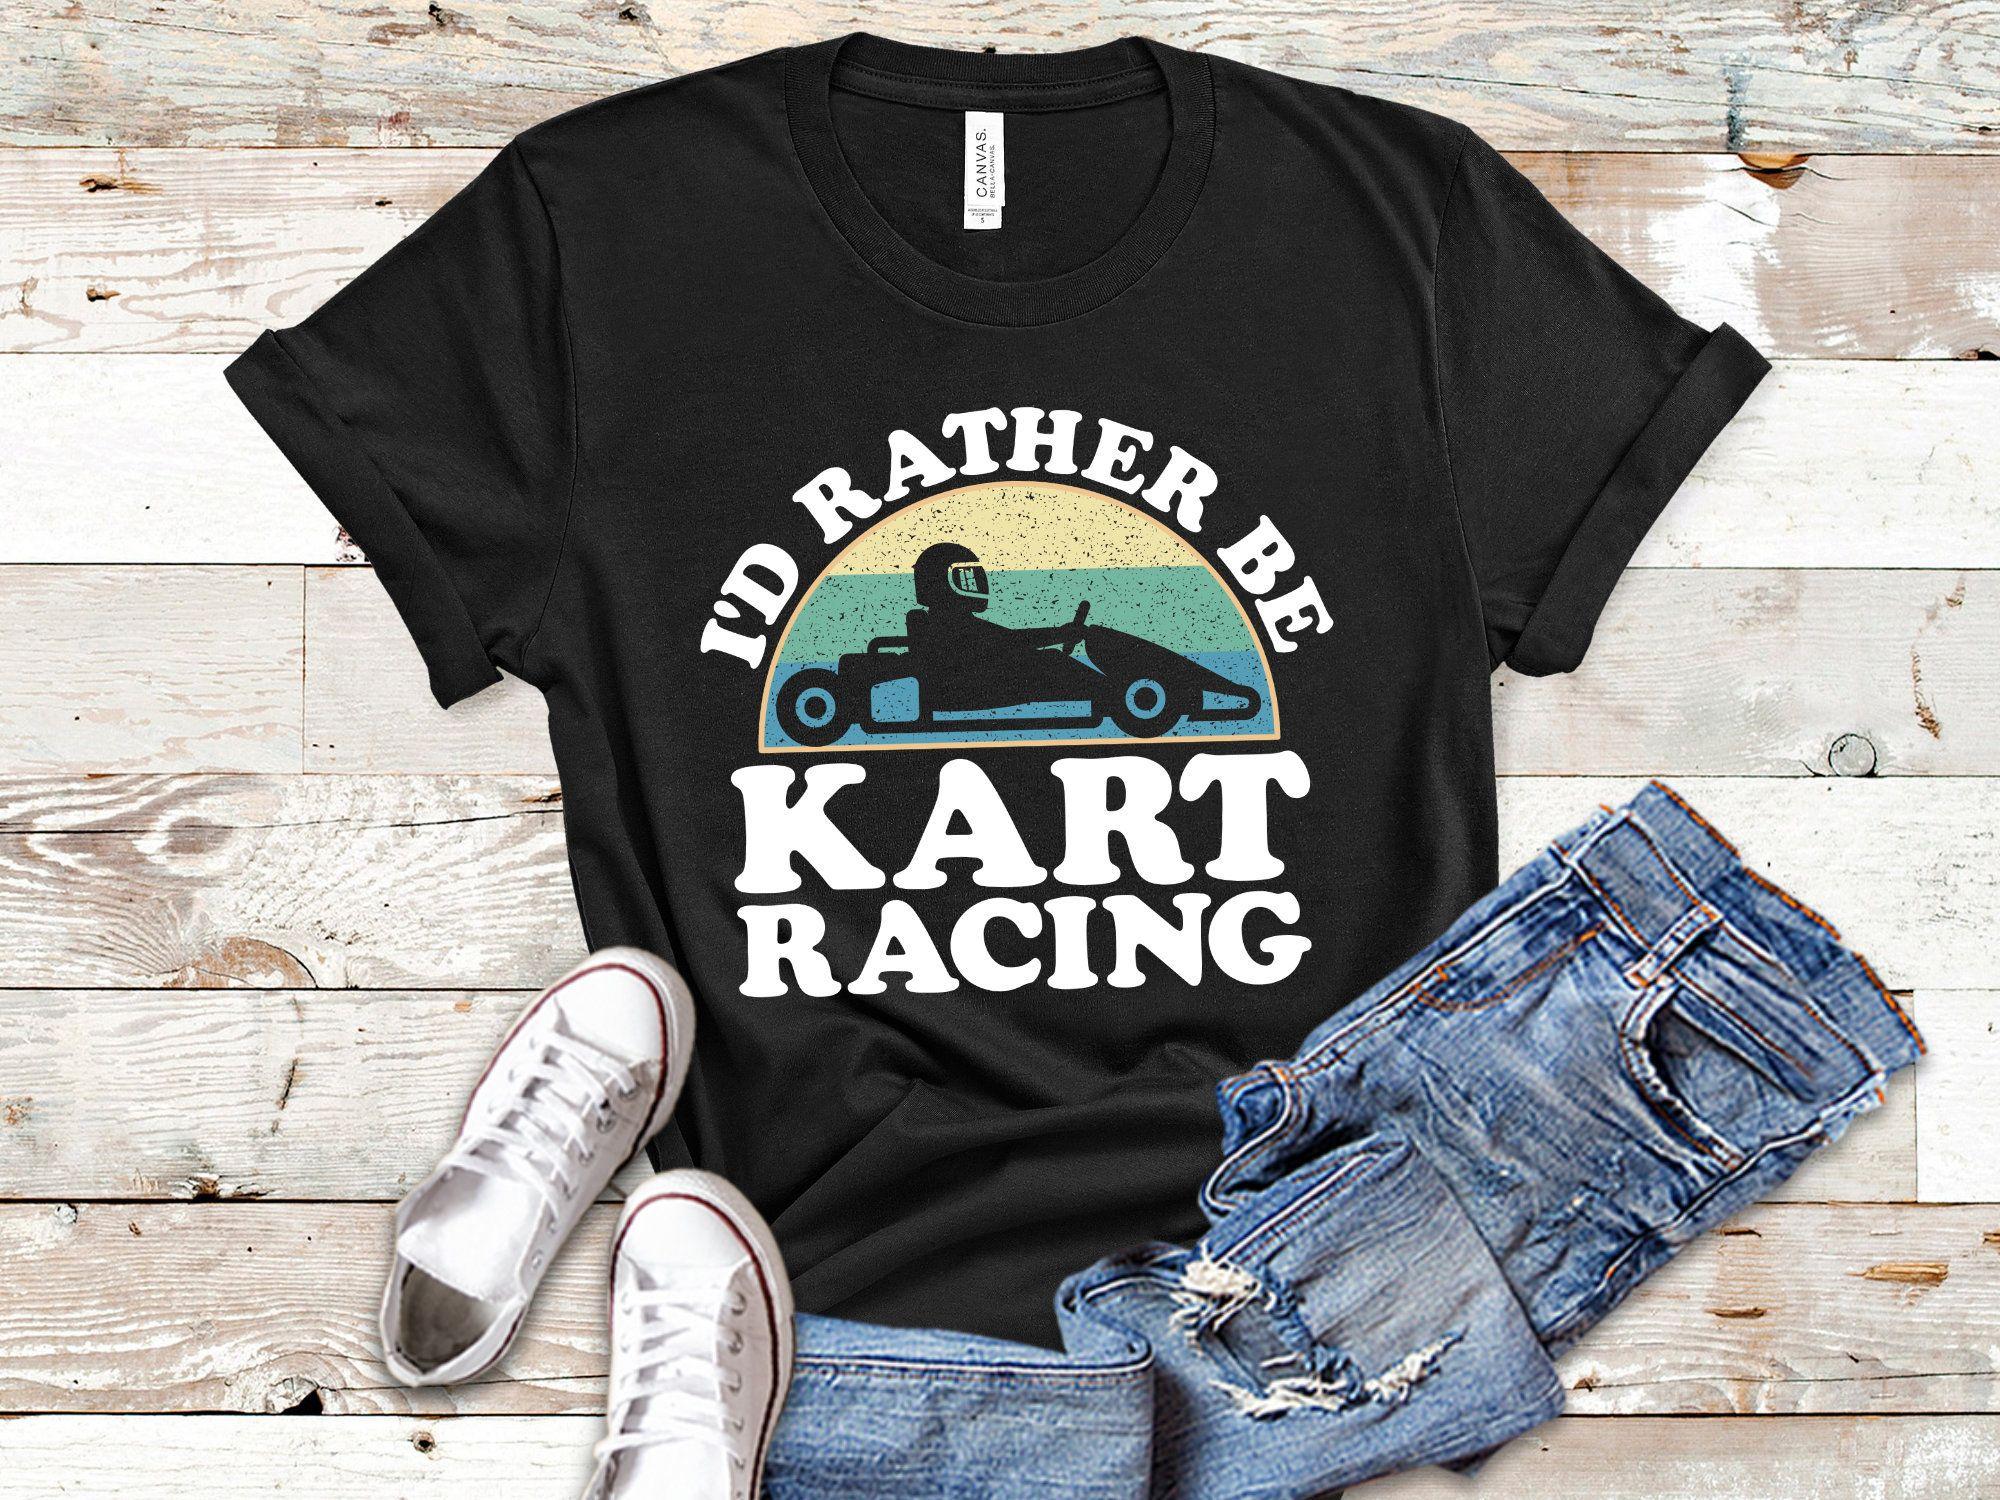 I'd Rather Be Kart Racing, Go Kart Shirt, Tank Top, Hoodie